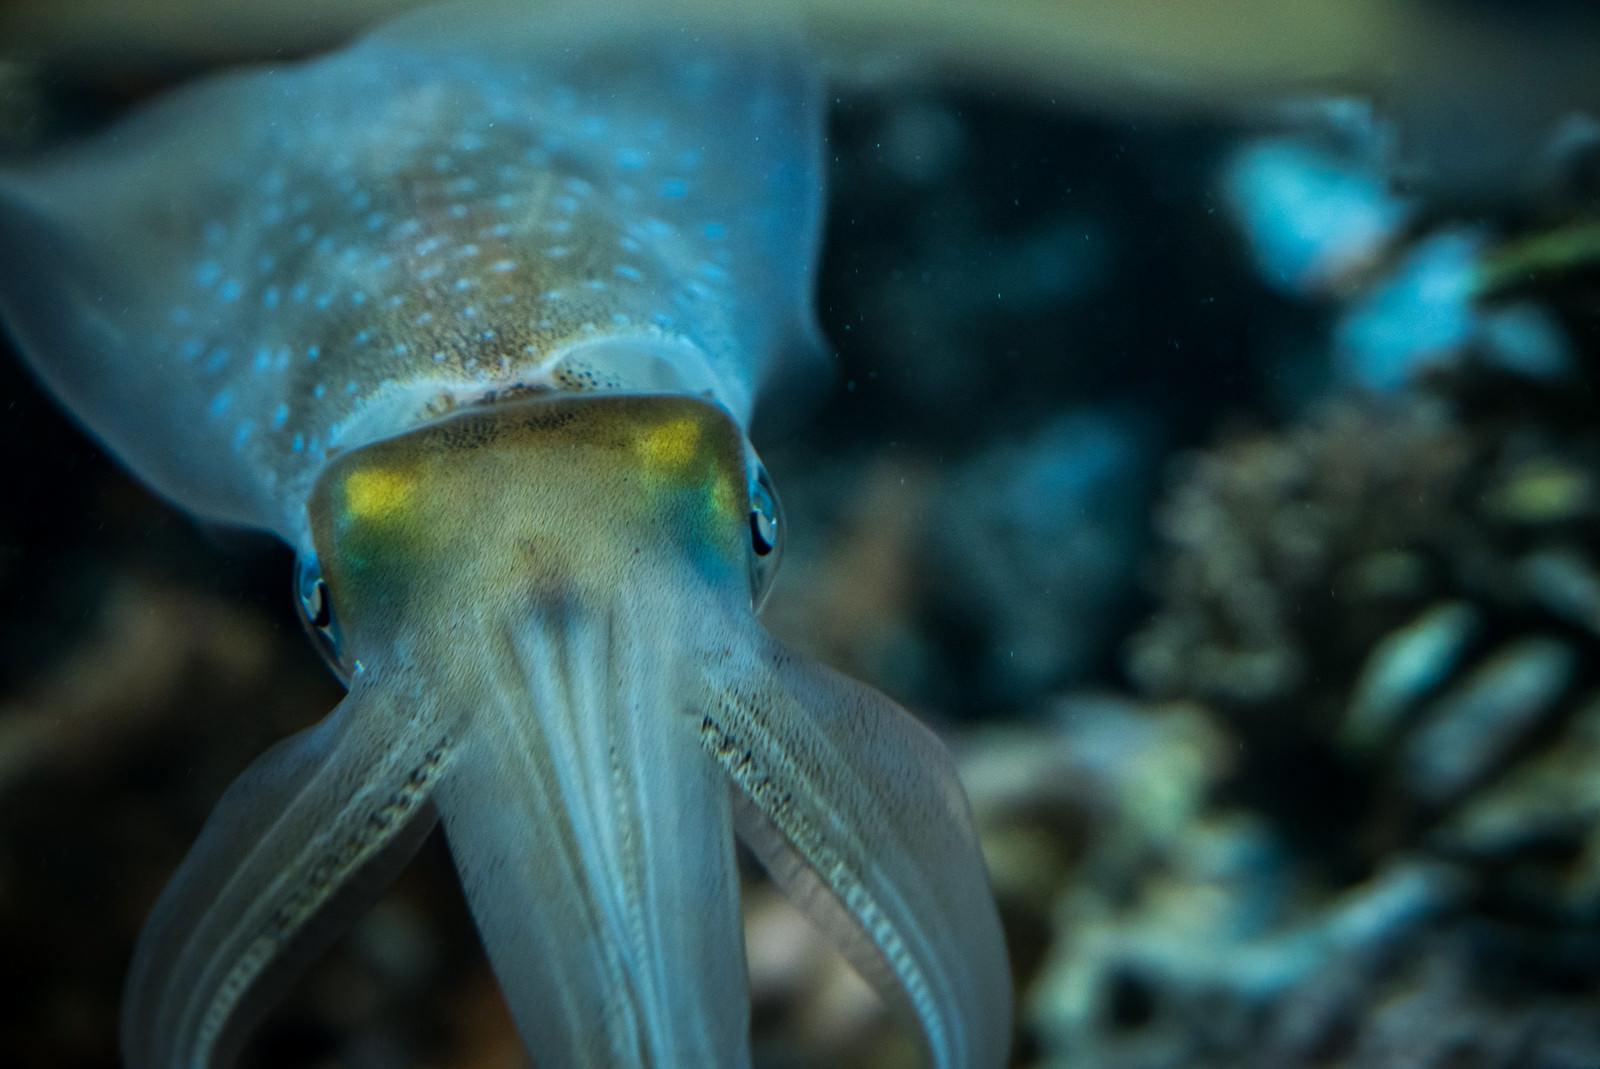 「イカの正面」の写真